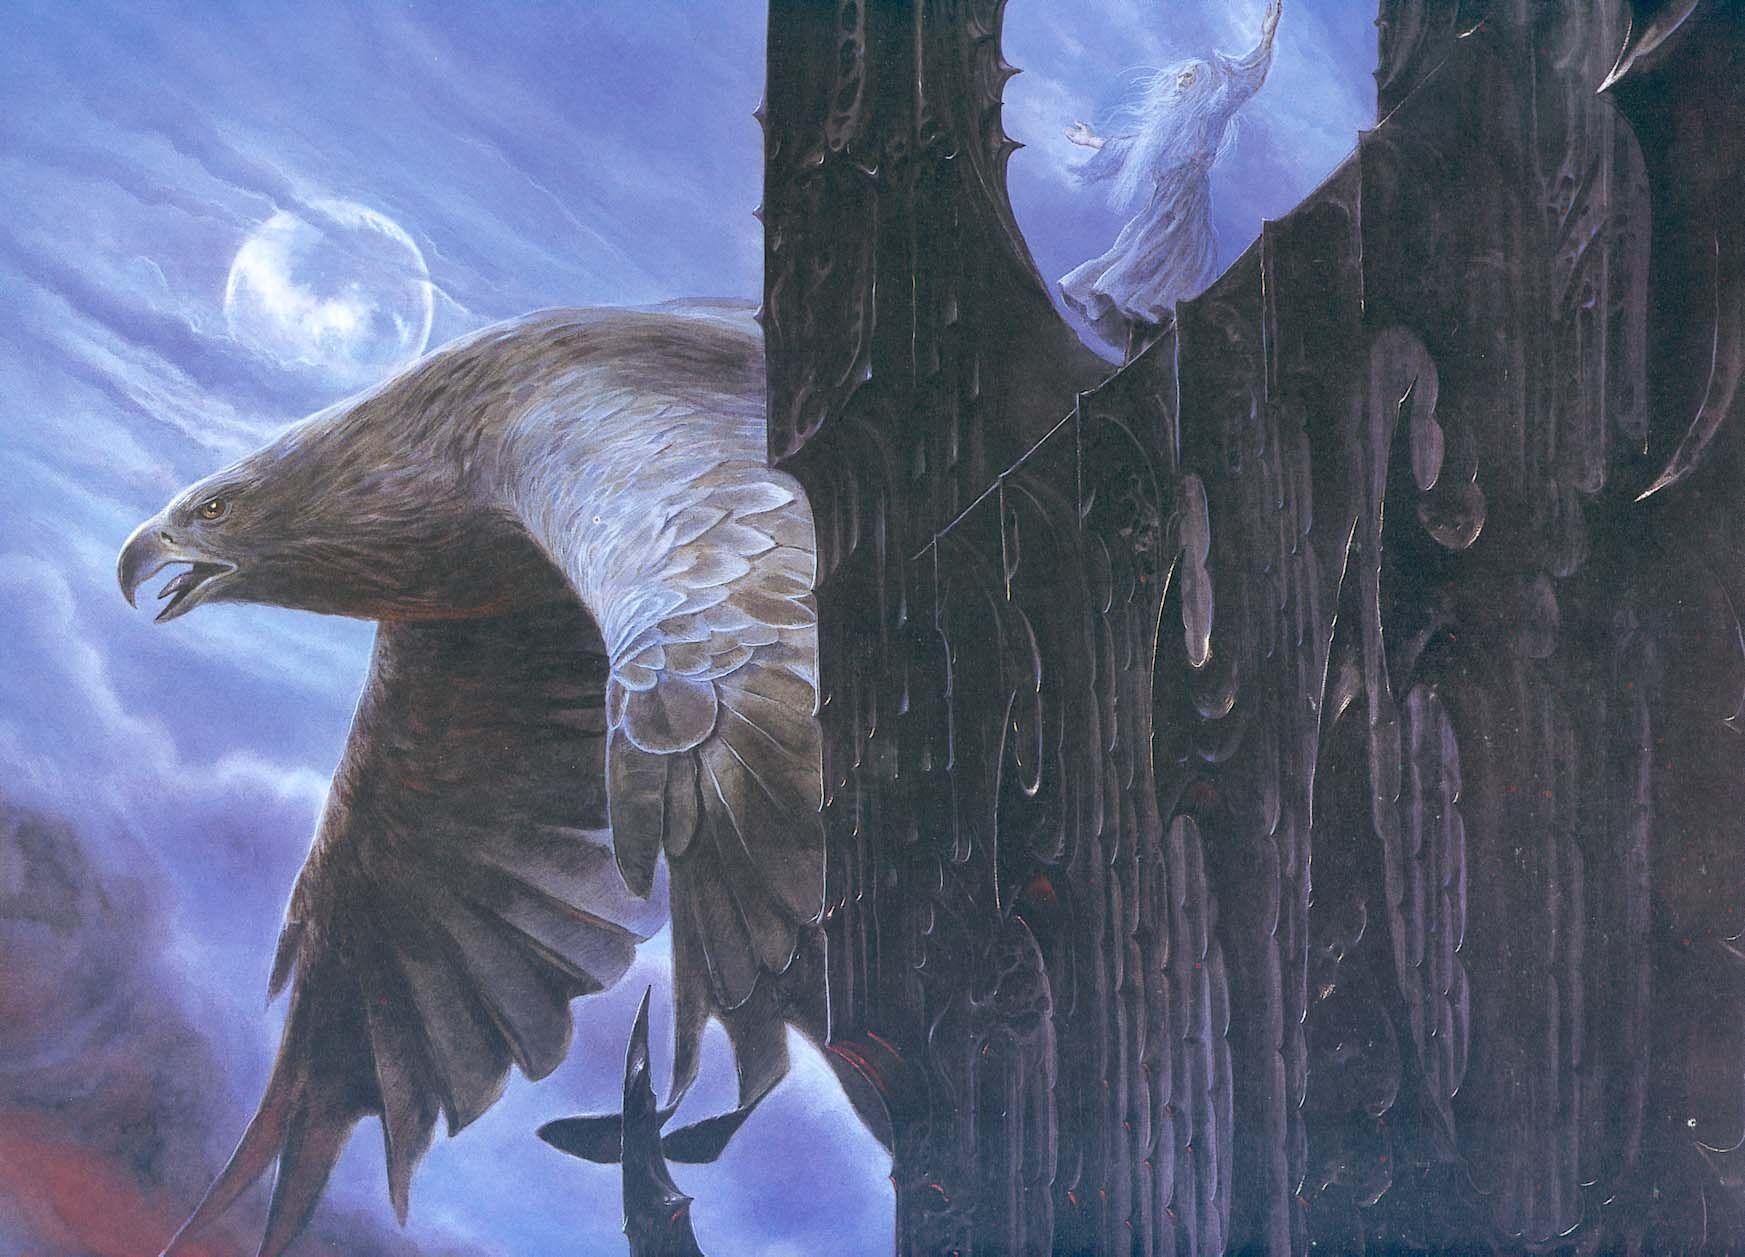 Y por último...¿Me podrías decir el nombre del Señor de las Águilas y amigo de Gandalf?